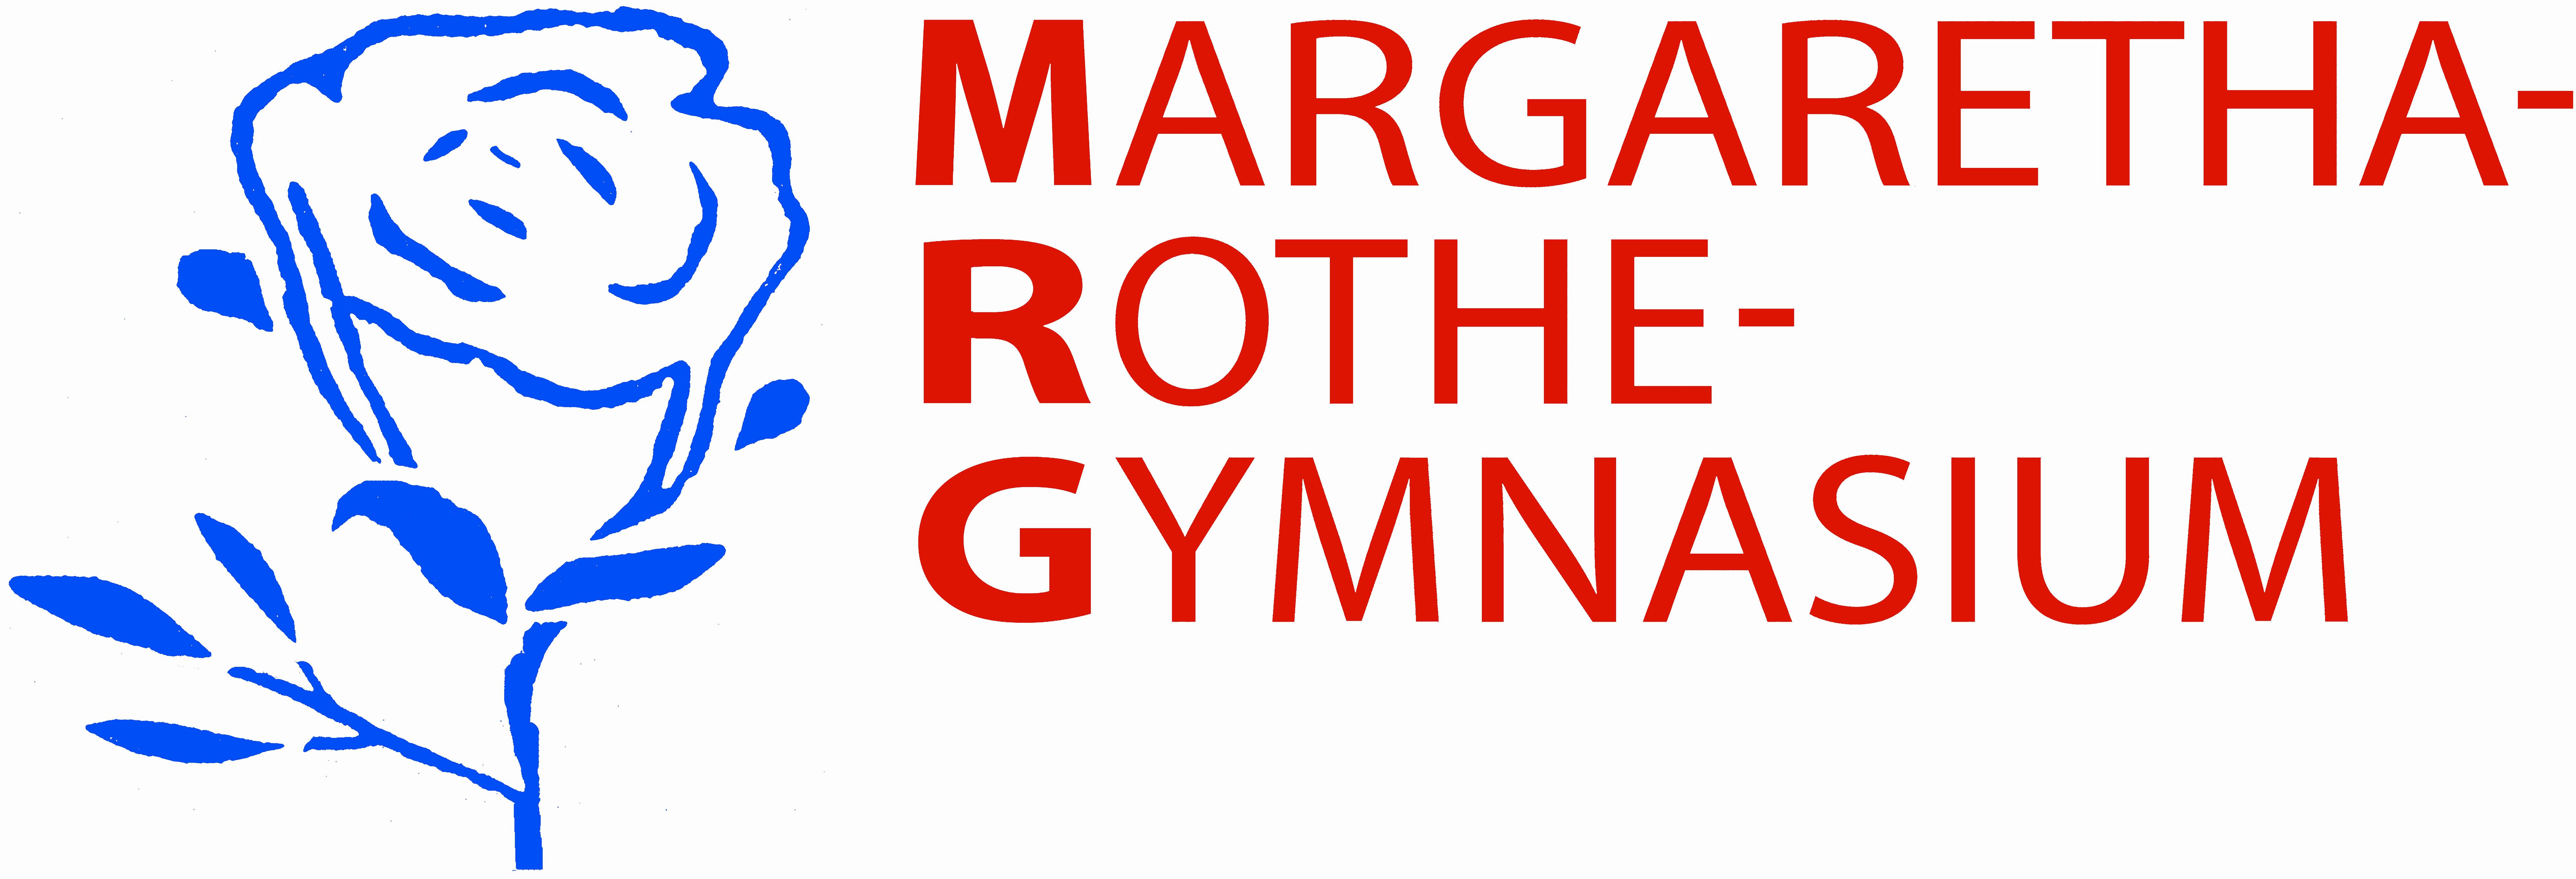 Margaretha-Rothe-Gymnasium